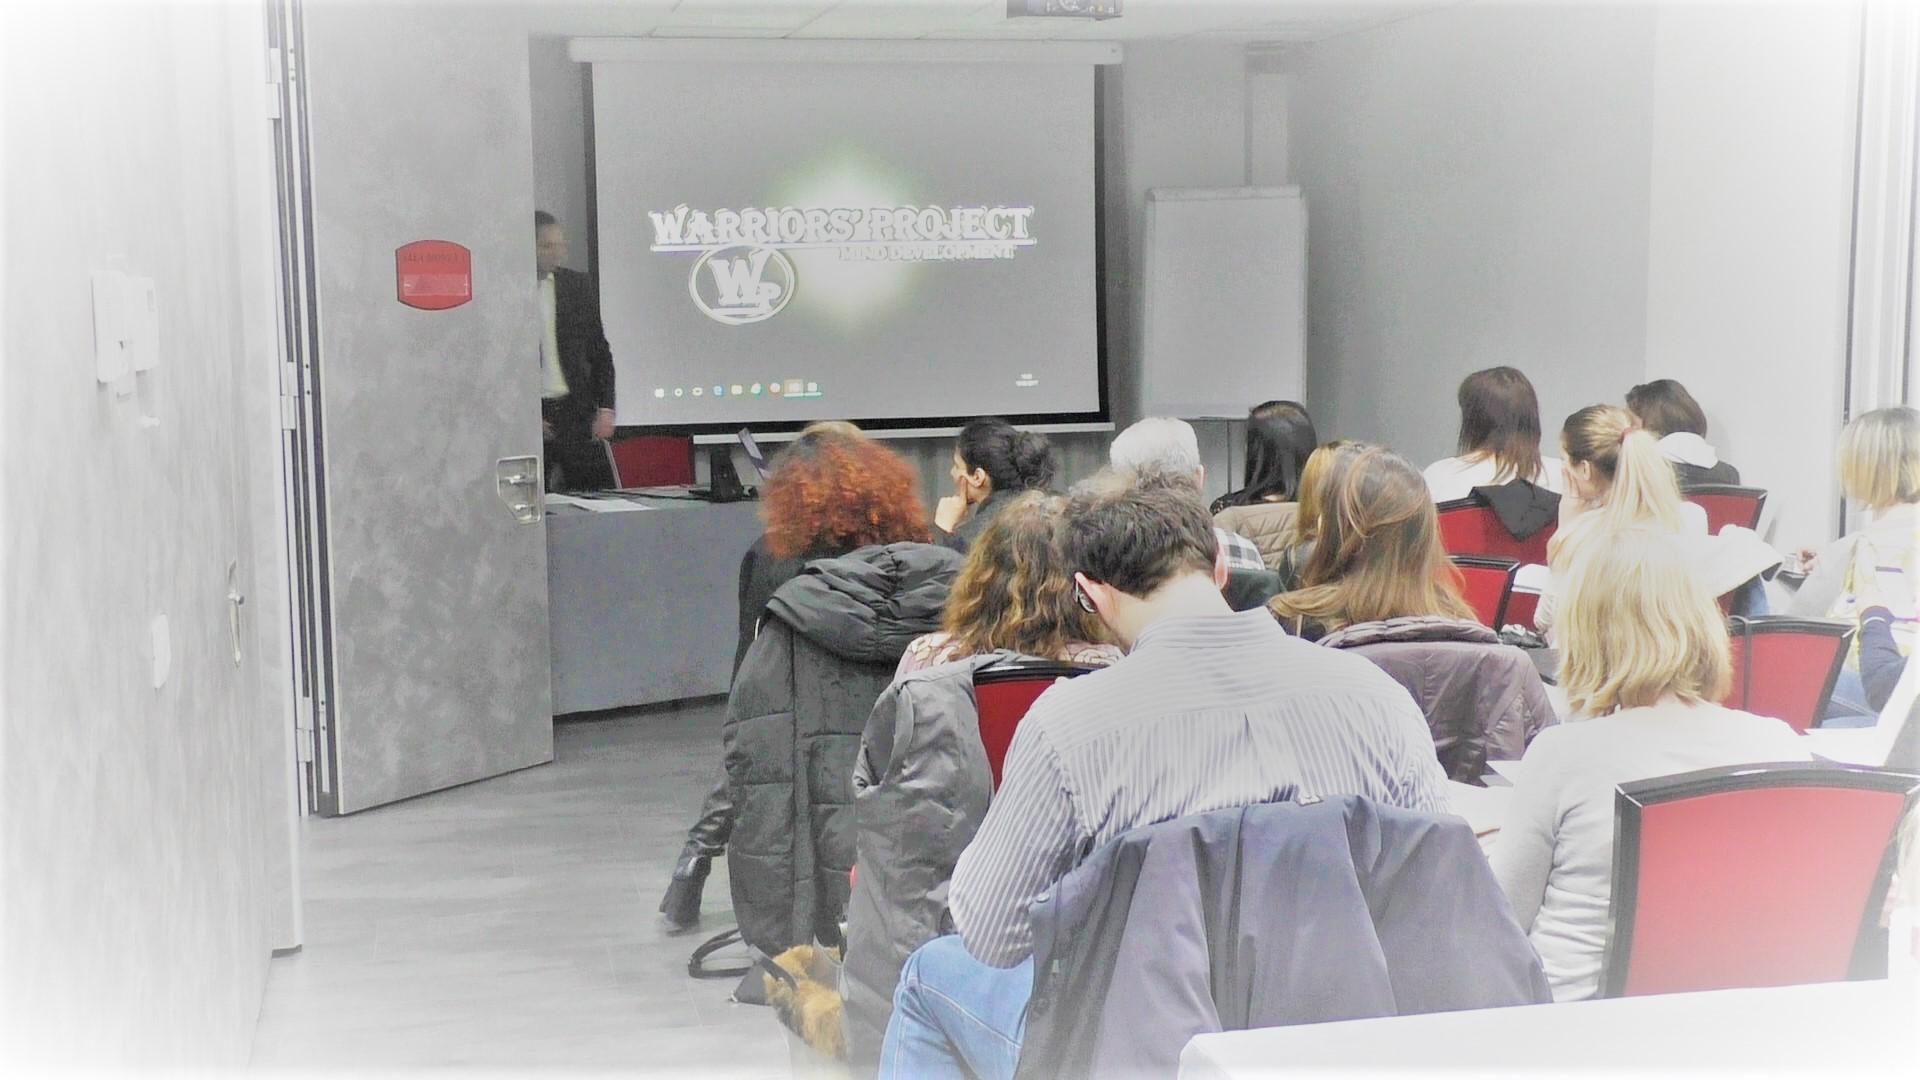 Commento di Sergio al Corso del 5 Aprile Parma.  La nostra associazione nasce per erogare corsi di formazione che aiutino le persone ad ottenere una crescita Personale, Professionale e Relazionale. Utilizziamo tecnologie all'avanguardia, per…